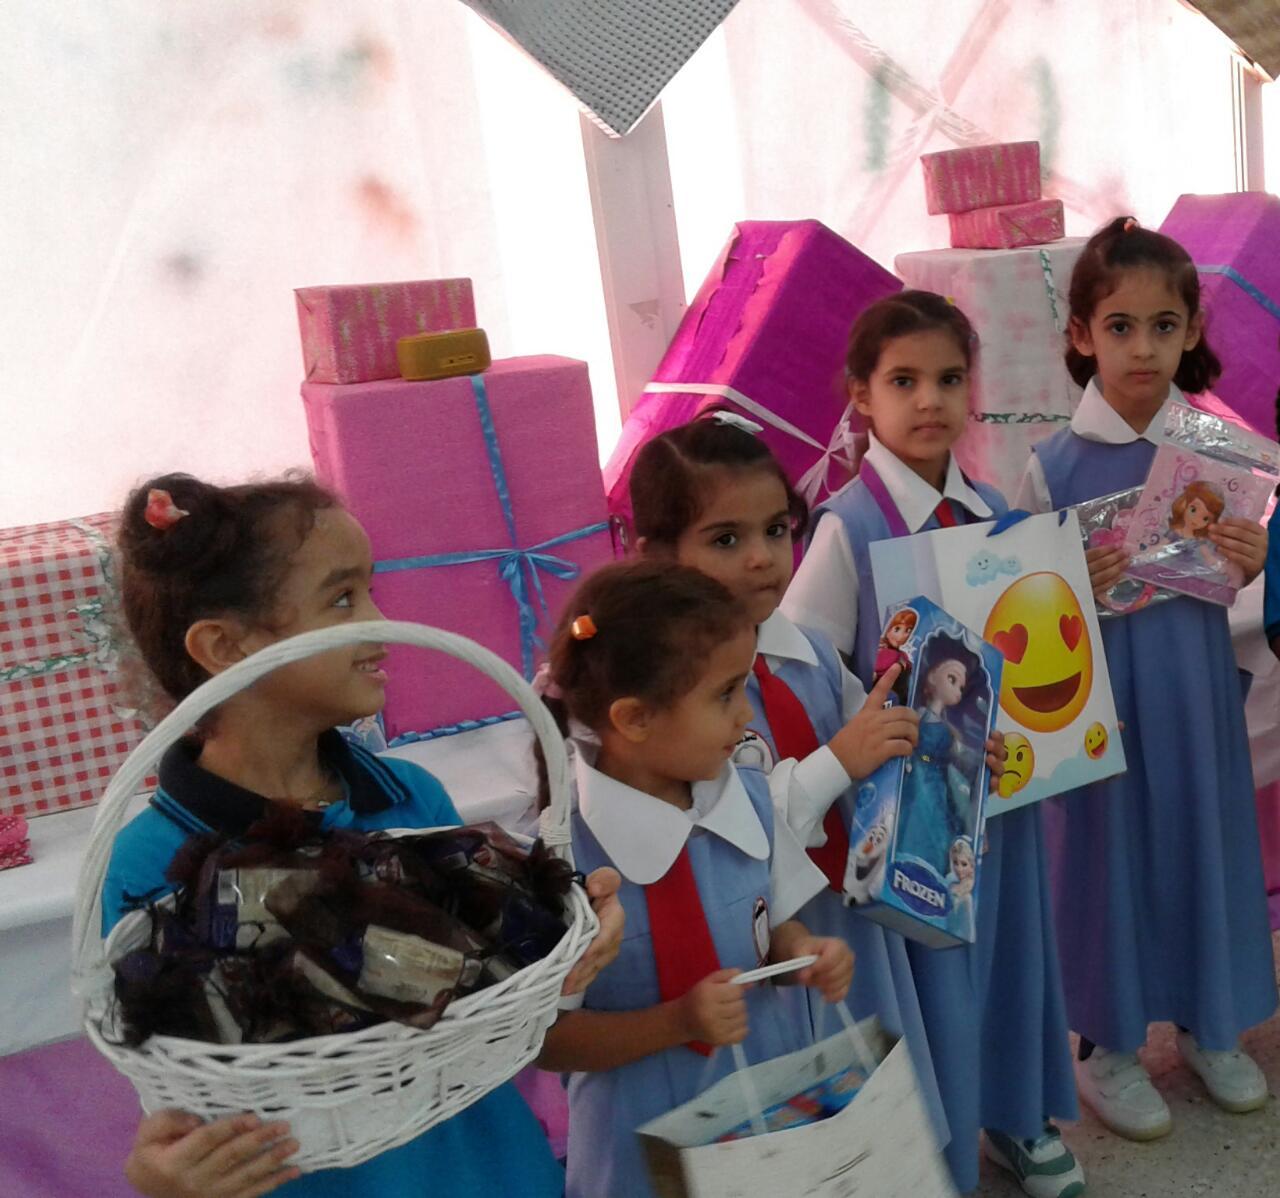 مهرجان توديع وحدة الأصحاب ( مرحلة رياض الأطفال )